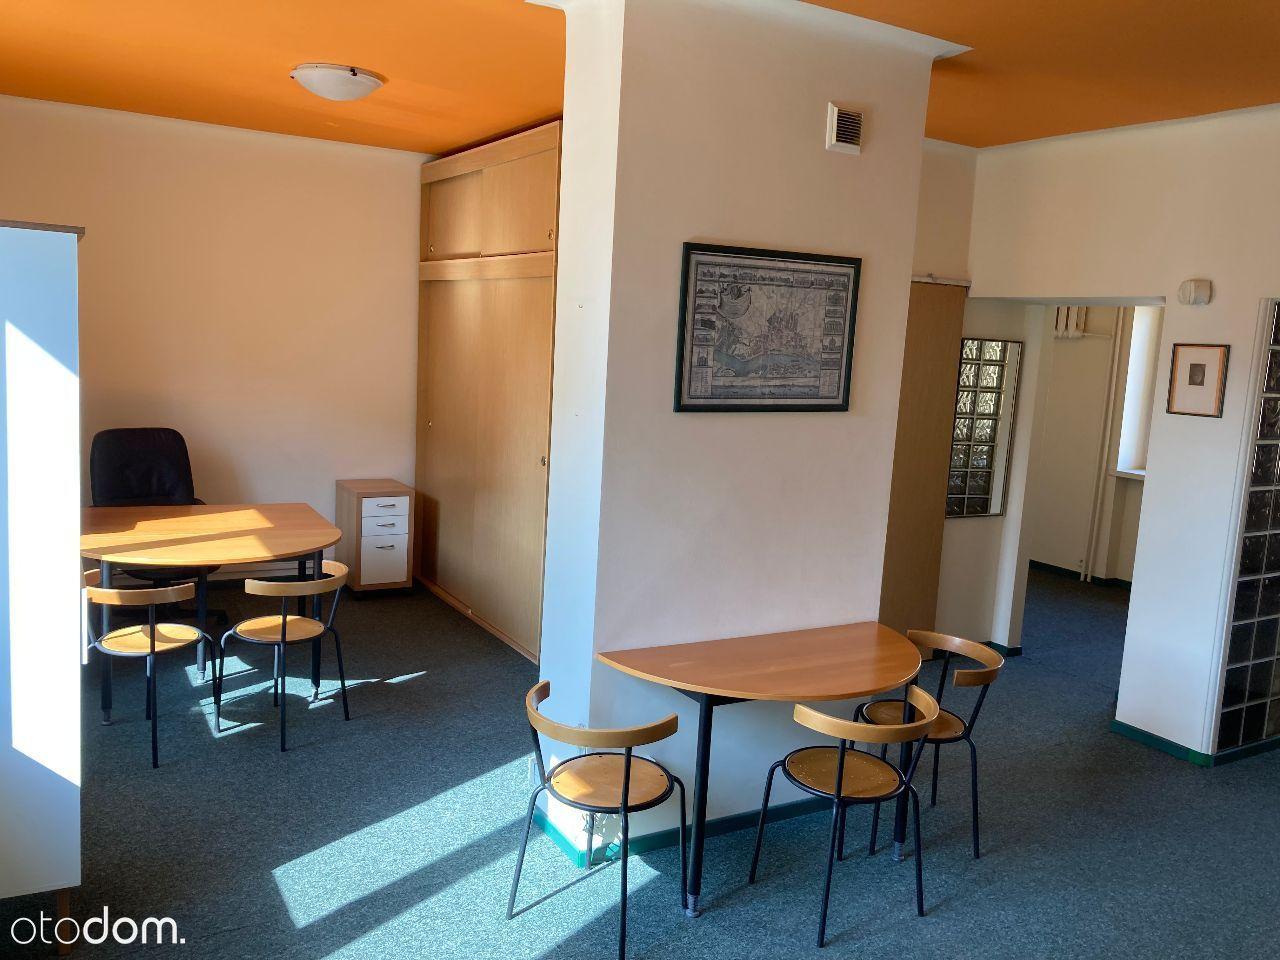 Lokal, 55 m2 przy pl. Konstytucji/ 2min do metra